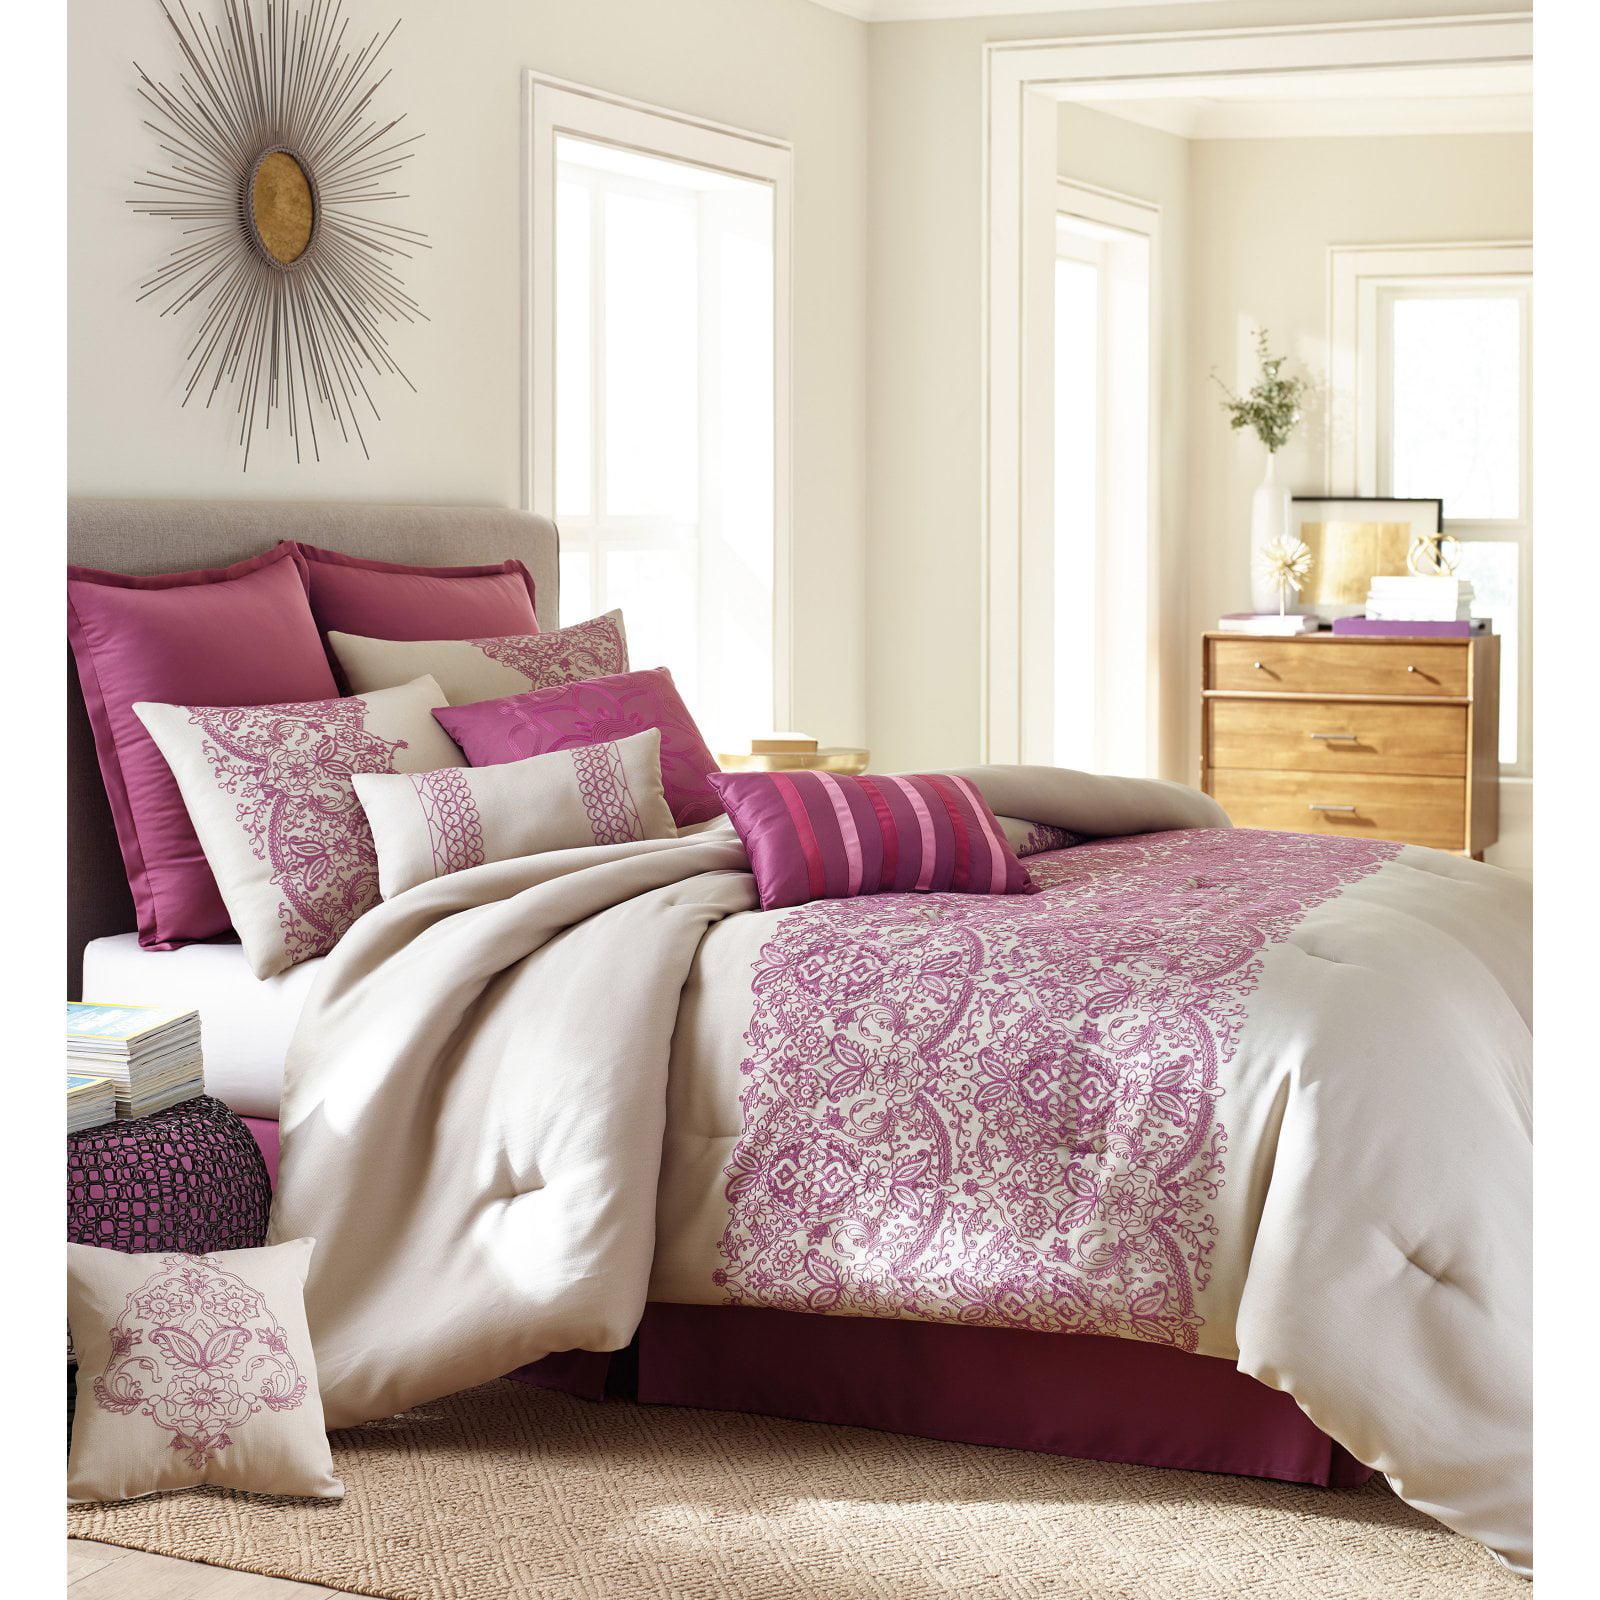 Nanshing Martine 10-Piece Comforter Set